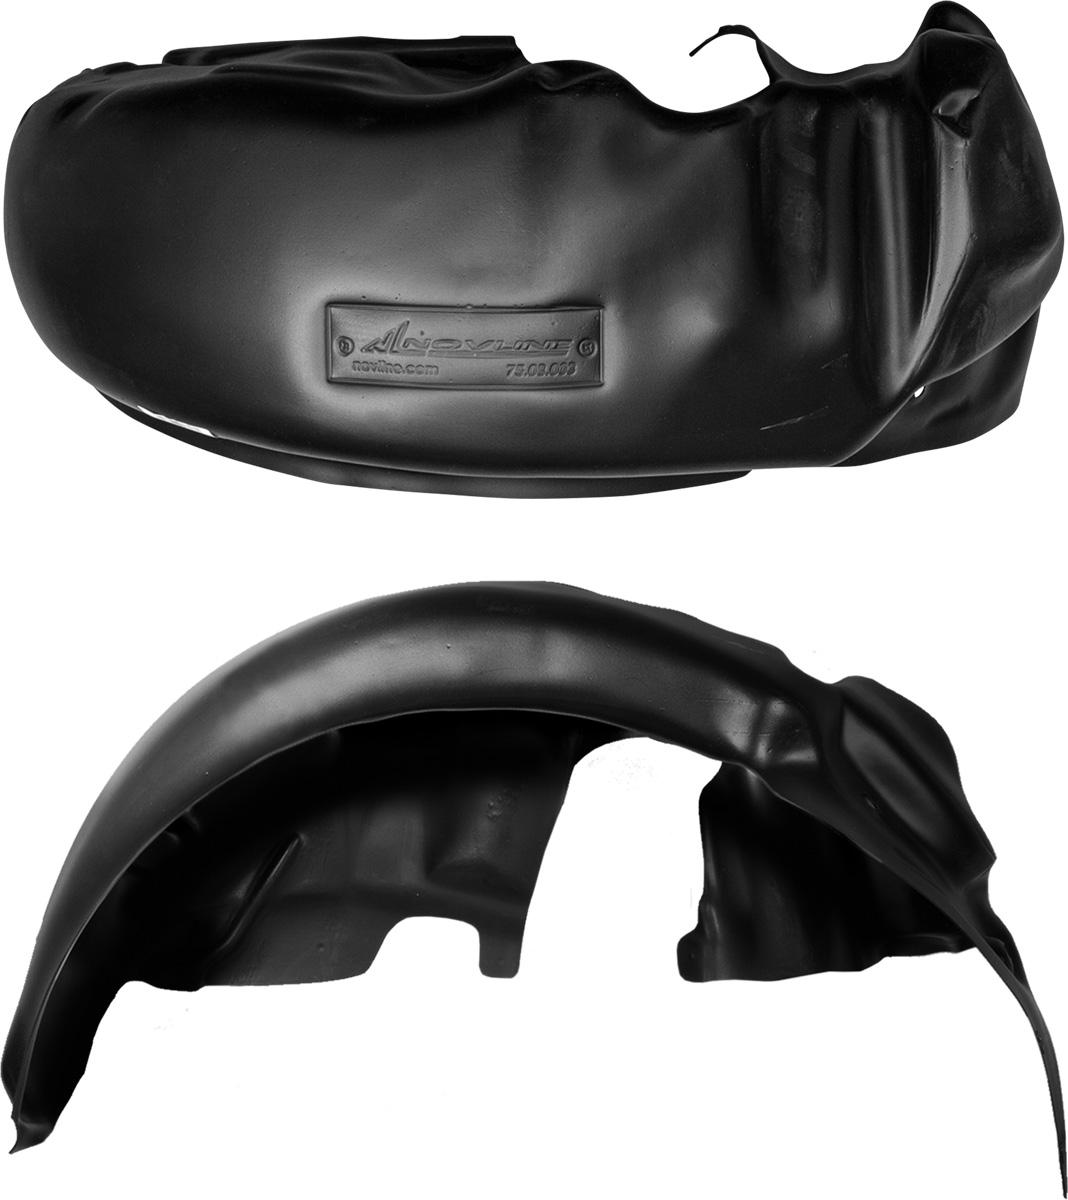 Подкрылок DAEWOO Gentra, 2013->, задний правыйNLL.11.10.004Колесные ниши – одни из самых уязвимых зон днища вашего автомобиля. Они постоянно подвергаются воздействию со стороны дороги. Лучшая, почти абсолютная защита для них - специально отформованные пластиковые кожухи, которые называются подкрылками, или локерами. Производятся они как для отечественных моделей автомобилей, так и для иномарок. Подкрылки выполнены из высококачественного, экологически чистого пластика. Обеспечивают надежную защиту кузова автомобиля от пескоструйного эффекта и негативного влияния, агрессивных антигололедных реагентов. Пластик обладает более низкой теплопроводностью, чем металл, поэтому в зимний период эксплуатации использование пластиковых подкрылков позволяет лучше защитить колесные ниши от налипания снега и образования наледи. Оригинальность конструкции подчеркивает элегантность автомобиля, бережно защищает нанесенное на днище кузова антикоррозийное покрытие и позволяет осуществить крепление подкрылков внутри колесной арки практически без дополнительного...